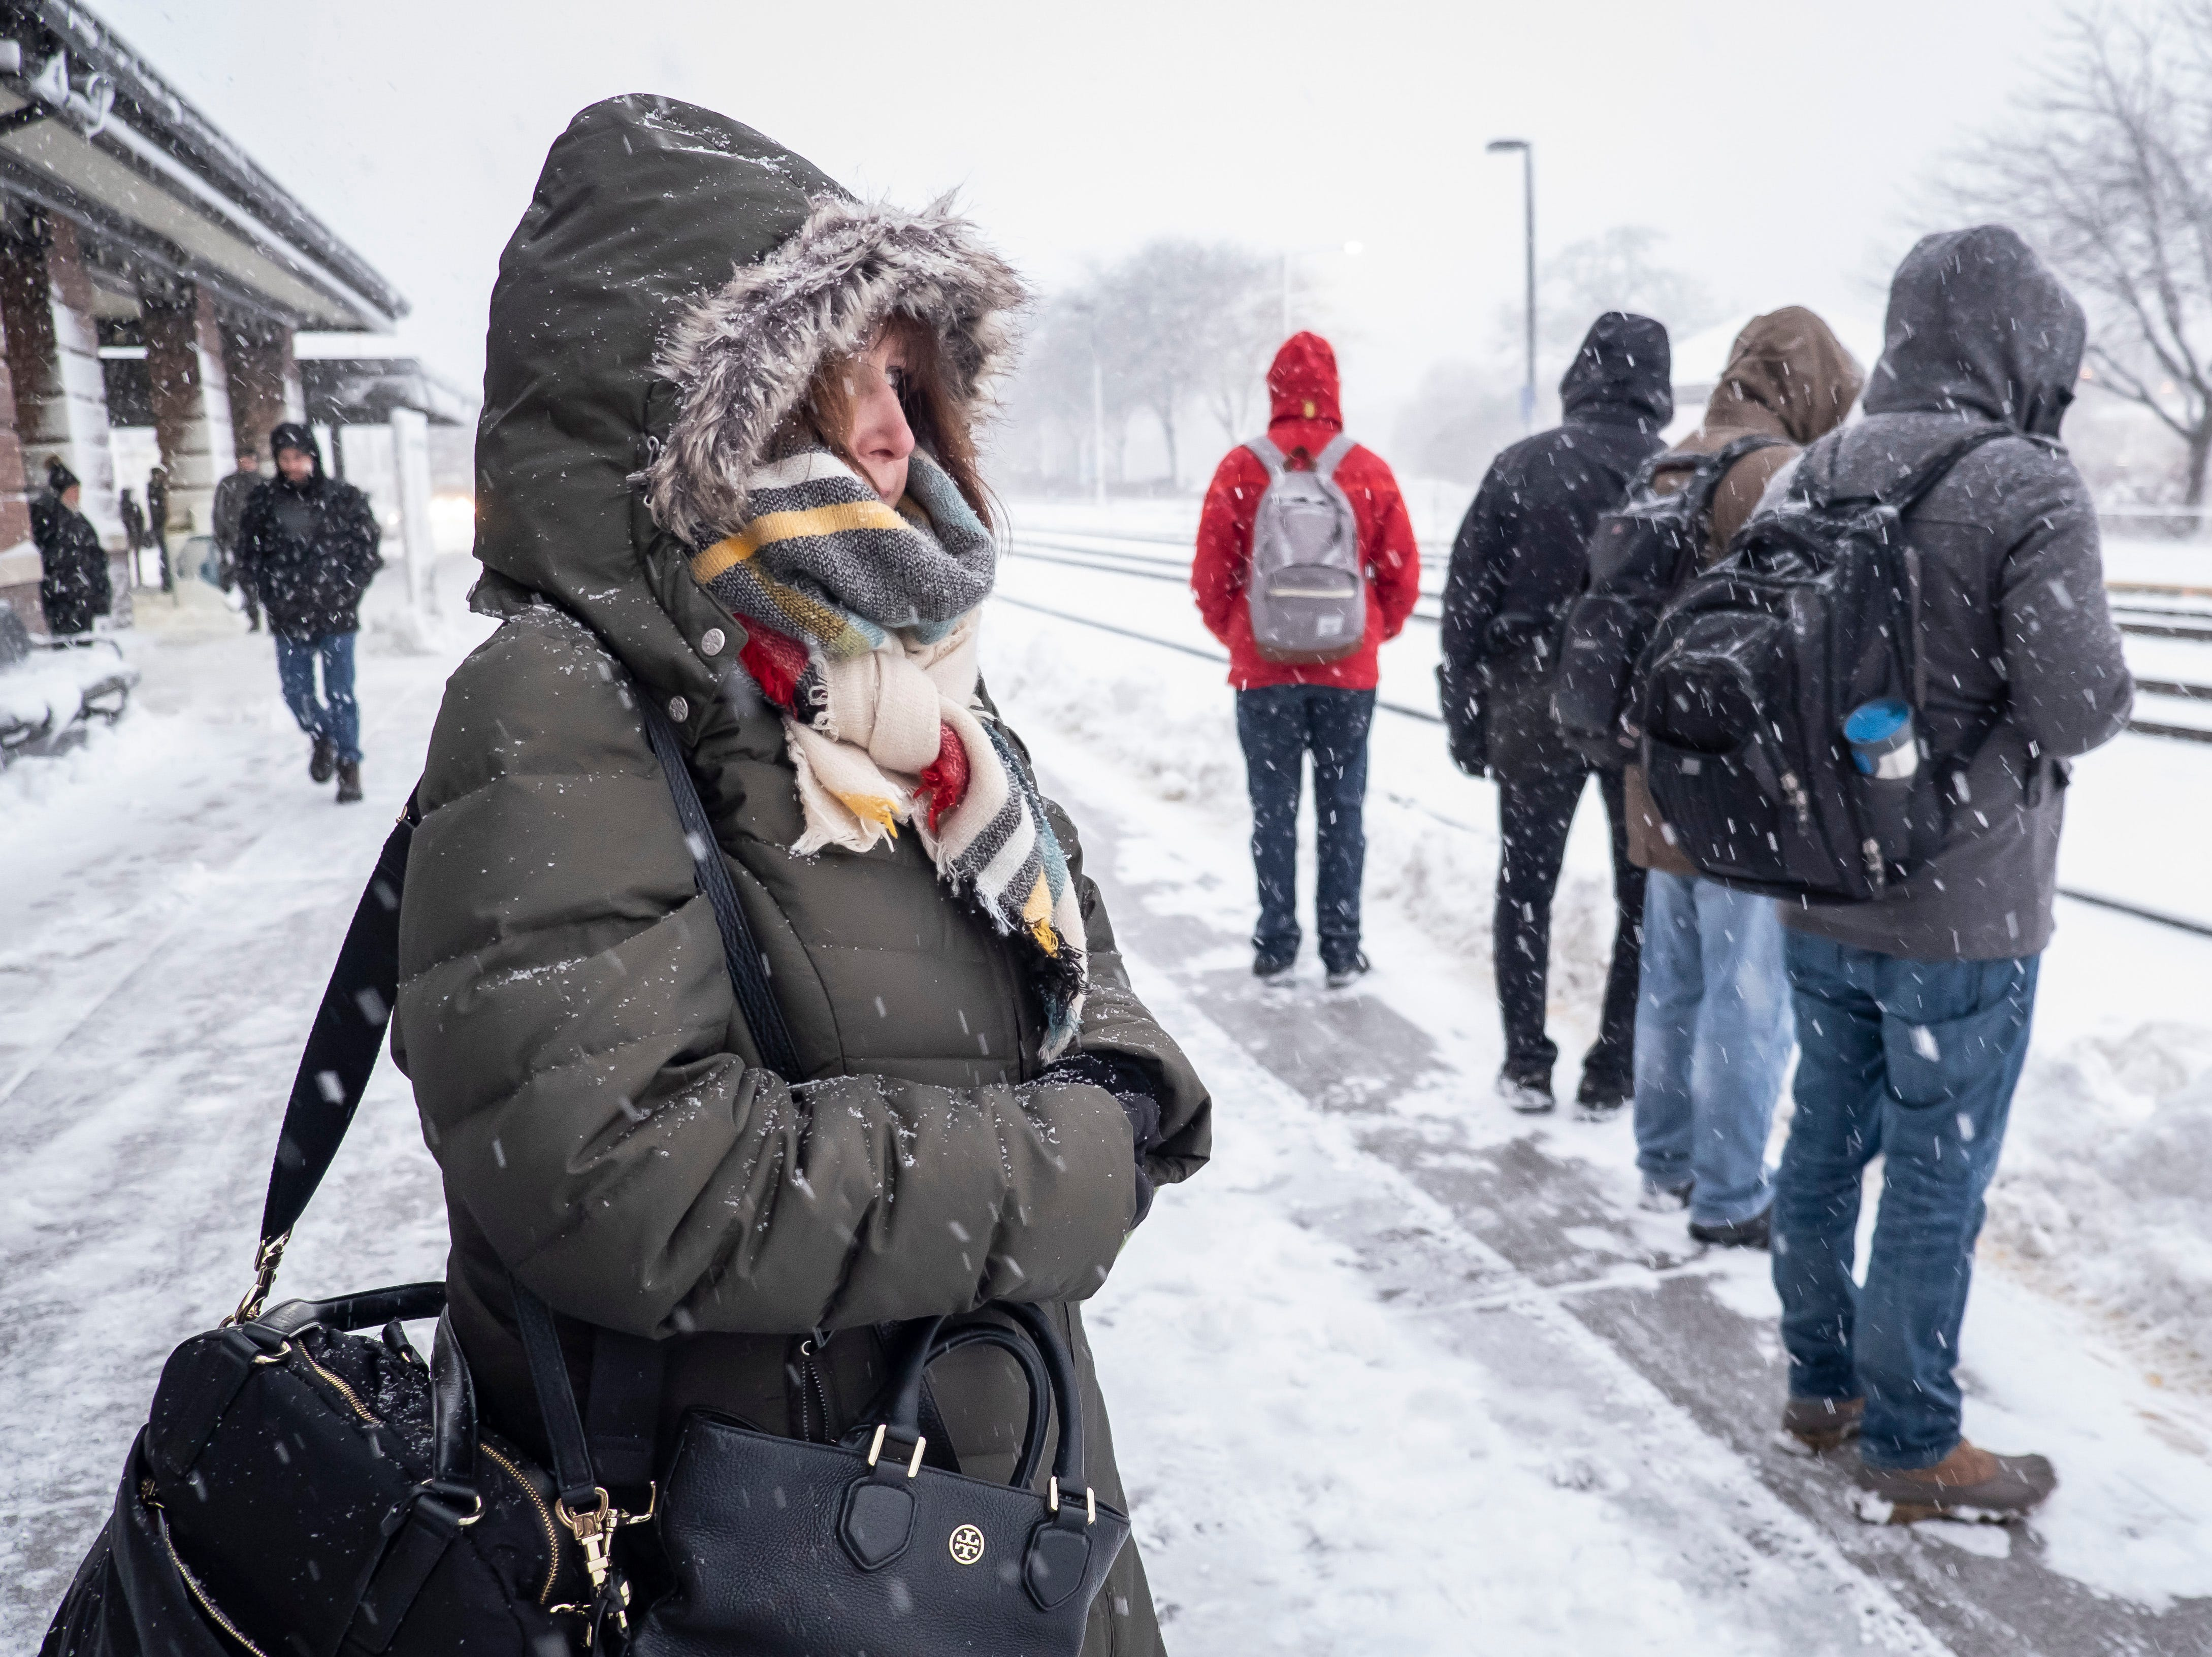 Carol Vervoort espera en la estación Naperville Metra en Chicago el lunes 26 de noviembre de 2018. Una tempestad invernal trajo condiciones de tormenta de nieve a partes del Medio Oeste el lunes temprano, aterrizando cientos de vuelos y causando un caos en el tráfico mientras los viajeros regresaban al trabajo después del fin de semana de Acción de Gracias.